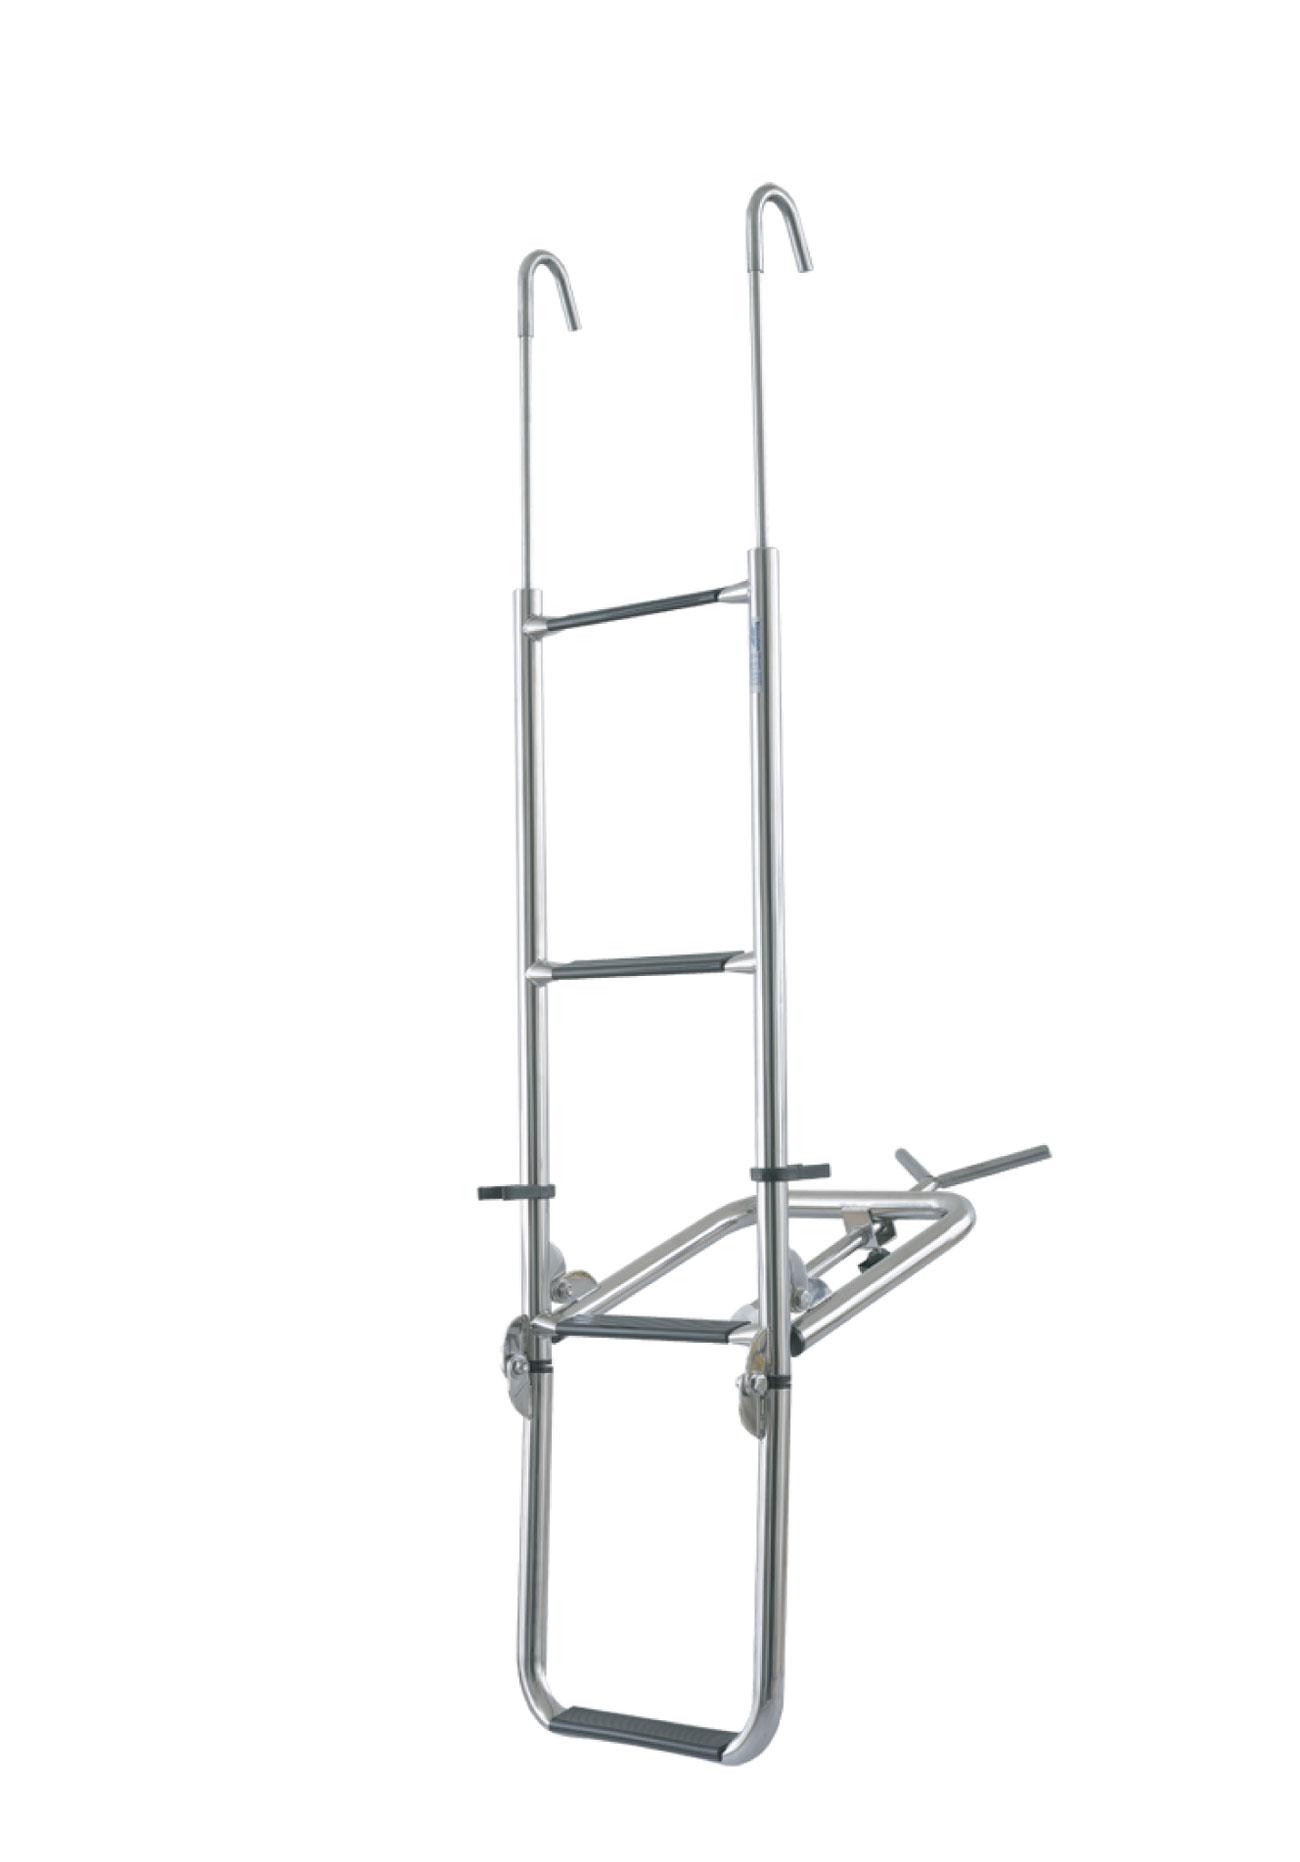 Batsystem Bugleiter zum Einhängen mit 4 Stufen ST125